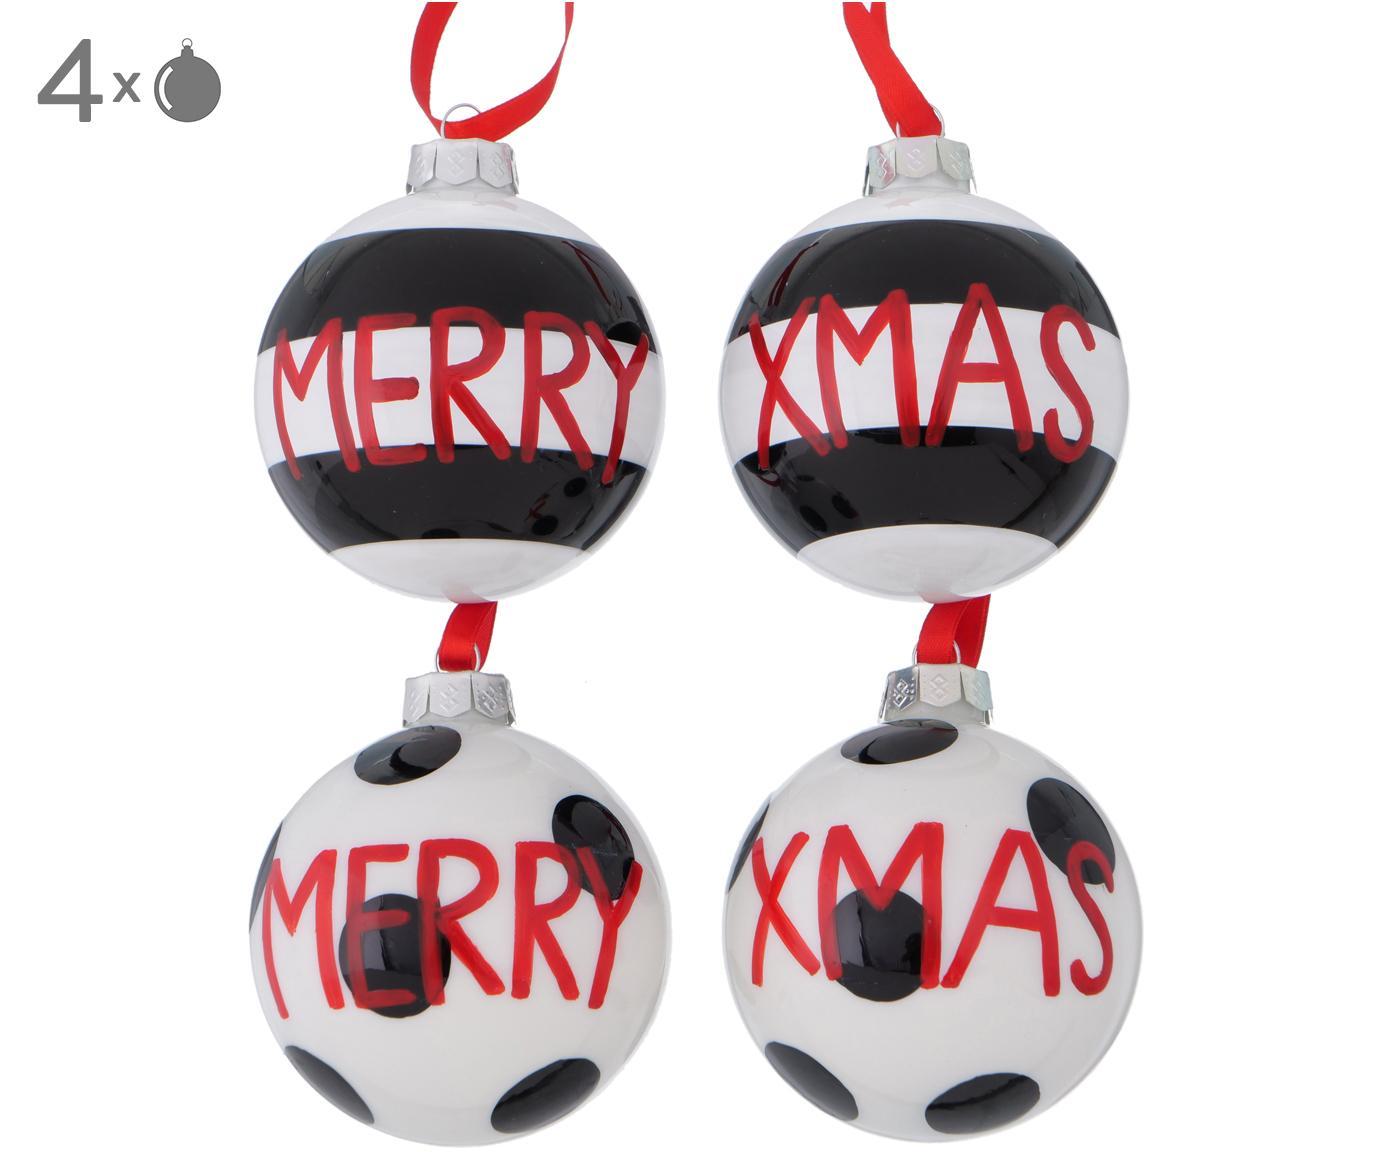 Weihnachtskugel-Set Tolea, 4-tlg., Schwarz, Weiß, Rot, Ø 8 cm